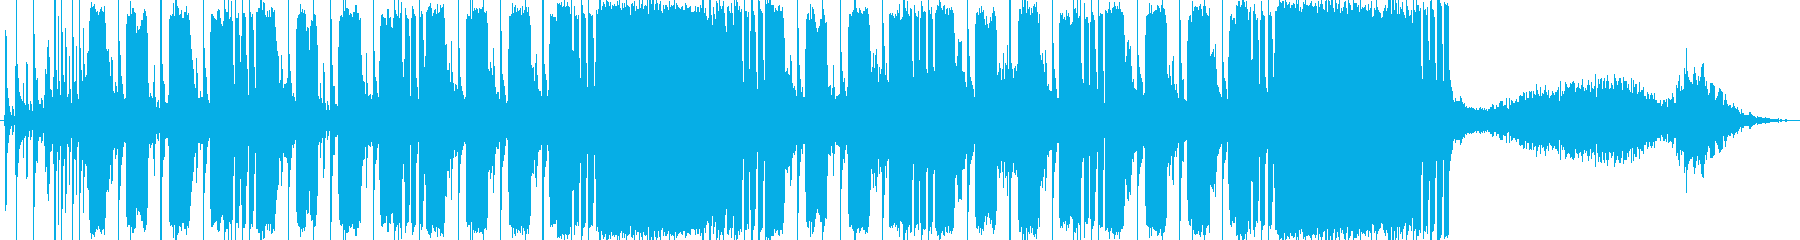 お洒落と激しさを兼ね備えたBGMの再生済みの波形